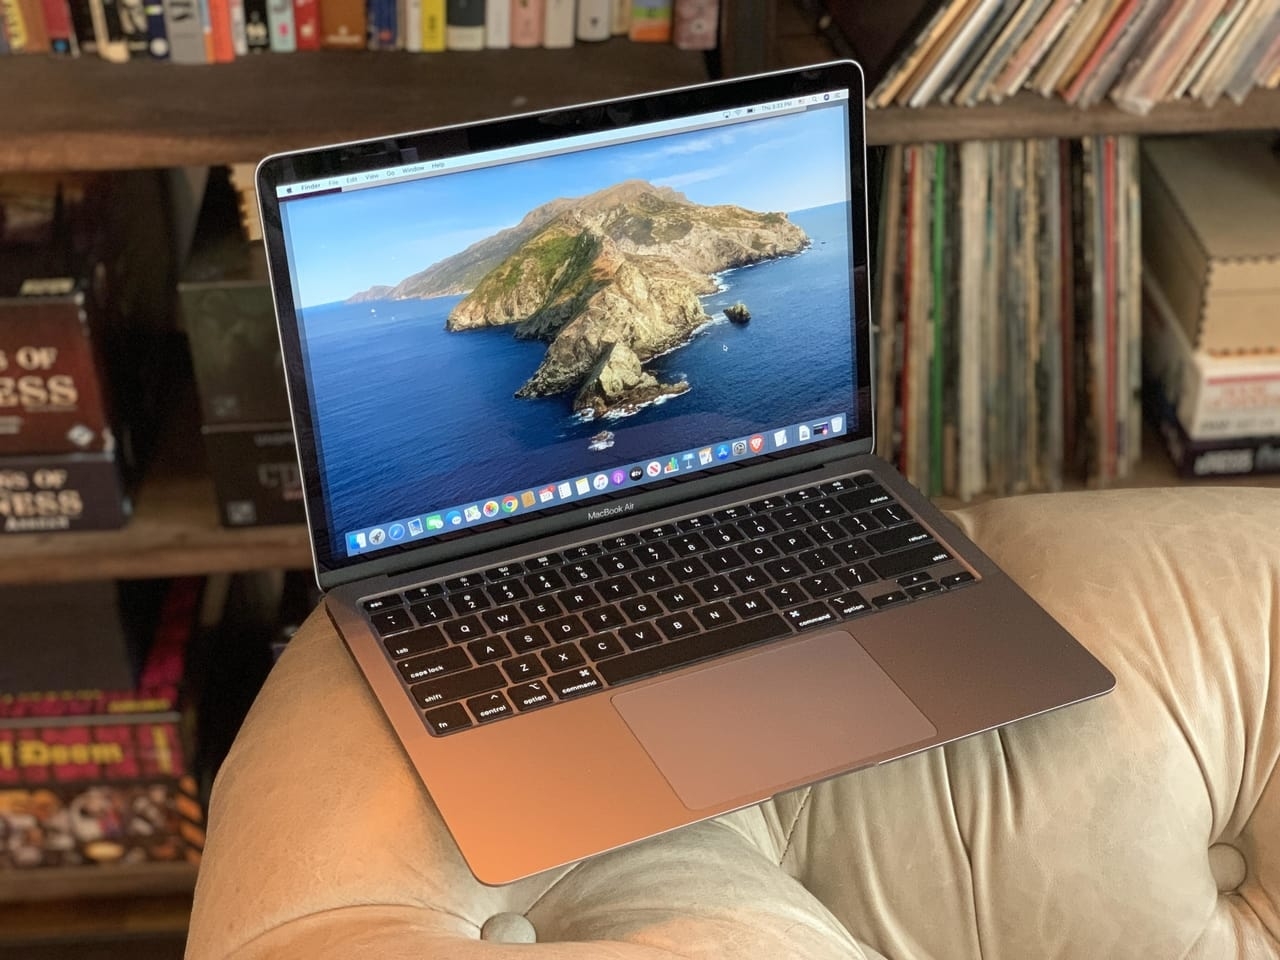 Nên mua MacBook dùng chip Intel ngay bây giờ hay chờ Apple đưa chip ARM 'nhà làm' lên laptop?